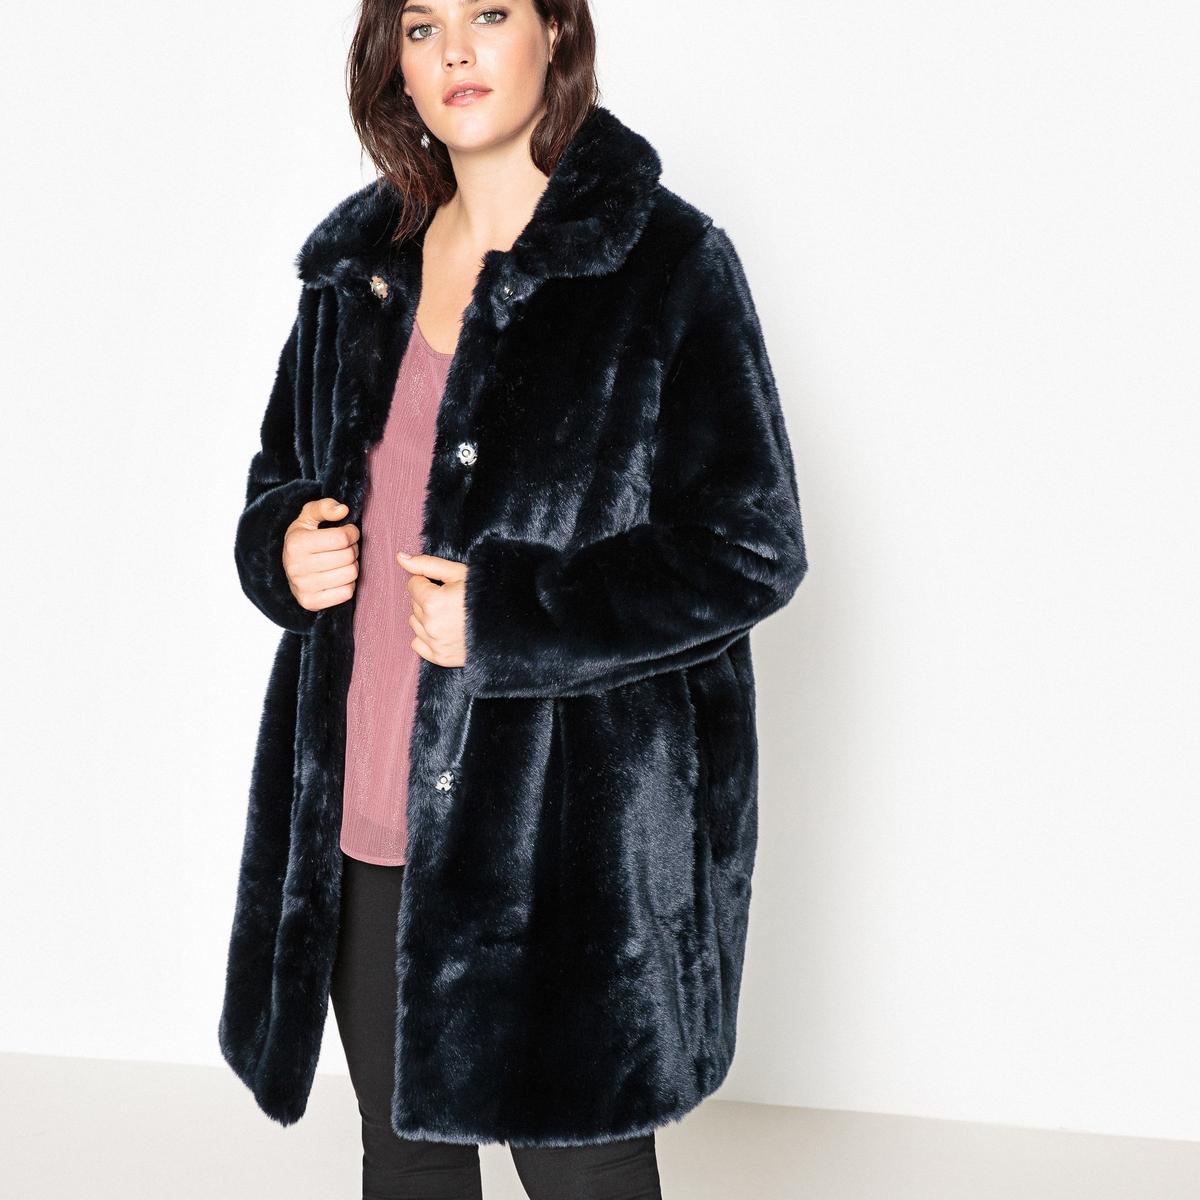 Пальто прямого покроя из искусственного мехаОписание:Этой зимой пальто из искусственного окрашенного меха является неотъемлемой частью гардероба. Вы полюбите это мягкое, тёплое и стильное пальто из искусственного меха.Детали •  Длина : удлиненная модель •  Без воротника • Застежка на пуговицыСостав и уход •  43% модакрила, 57% акрила •  Подкладка : 100% полиэстер •  Стирать при 30° на деликатном режиме   •  Деликатная сухая чистка / не отбеливать •  Не использовать барабанную сушку   •  Не гладитьТовар из коллекции больших размеров •  Длина : 93 см<br><br>Цвет: темно-синий<br>Размер: 54 (FR) - 60 (RUS).52 (FR) - 58 (RUS).48 (FR) - 54 (RUS).50 (FR) - 56 (RUS)